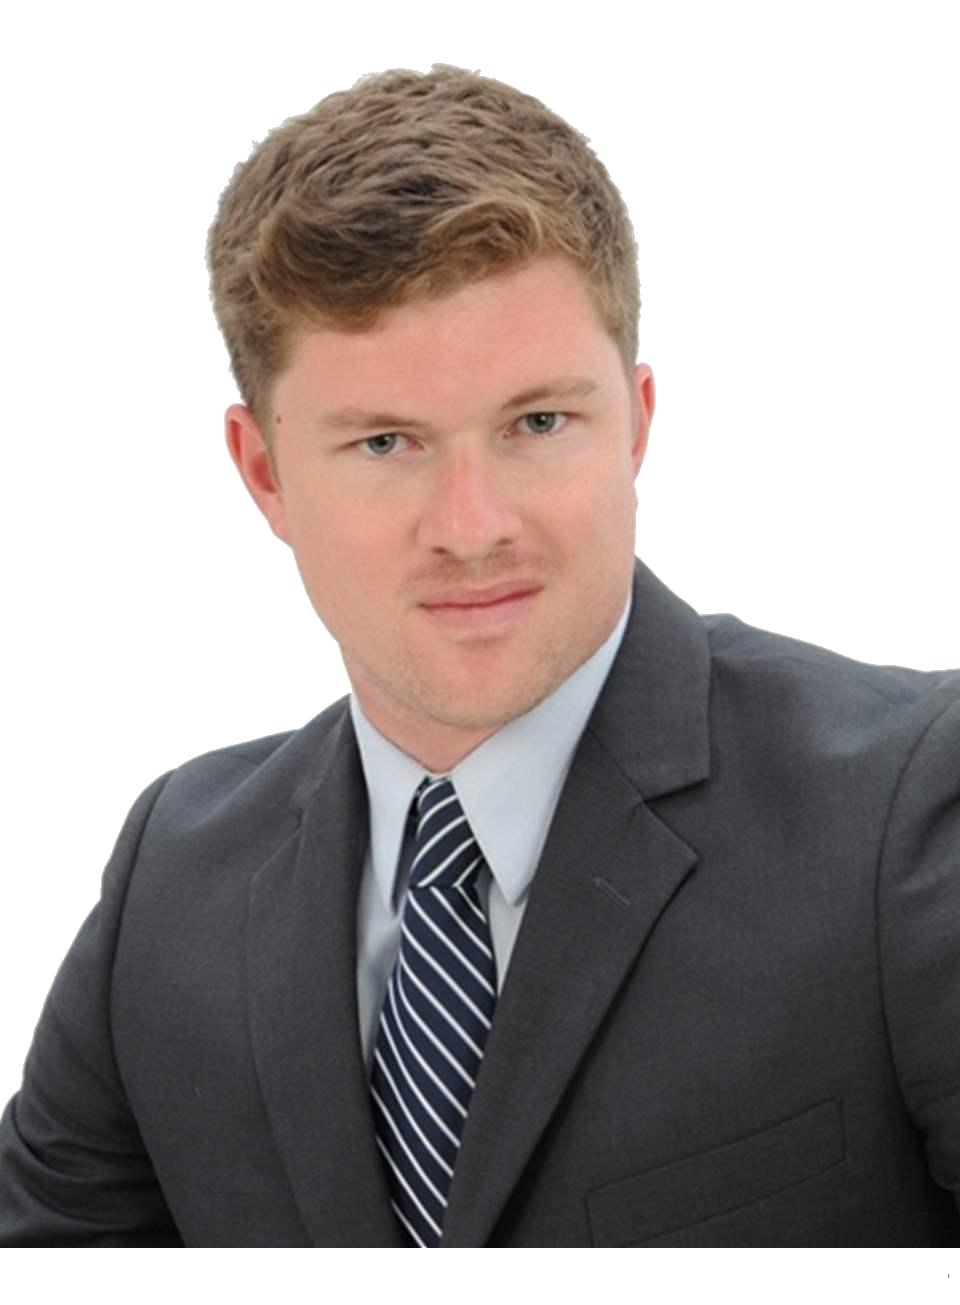 Steven Kramer | Financial Advisor